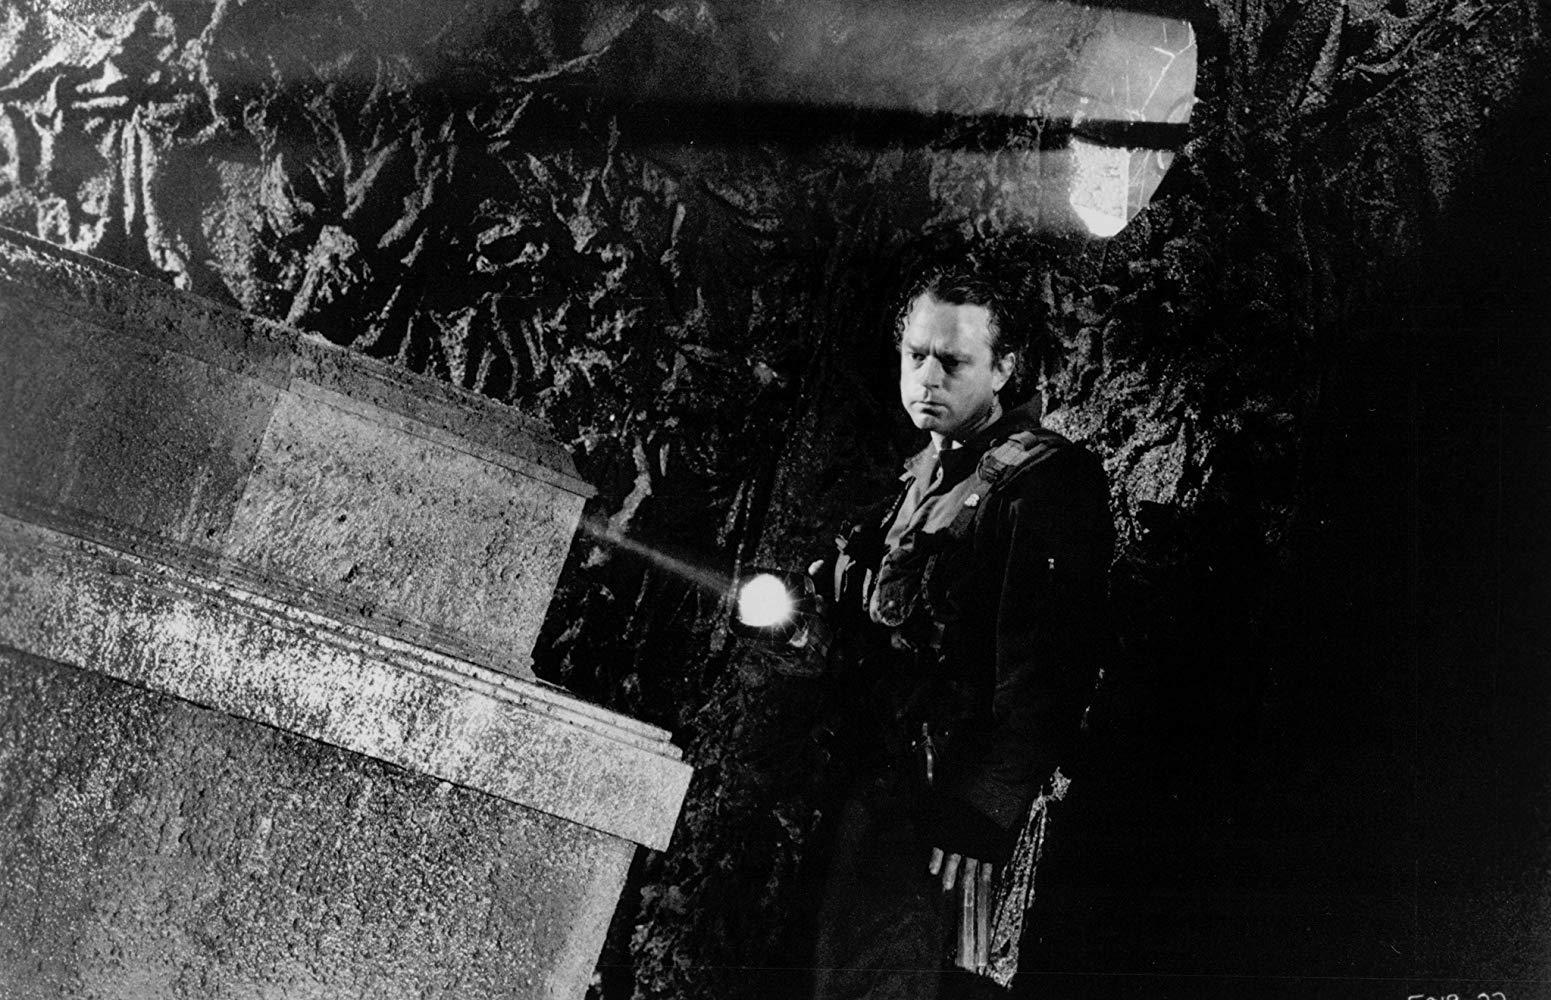 مشاهدة فيلم Graveyard Shift 1990 HD مترجم كامل اون لاين